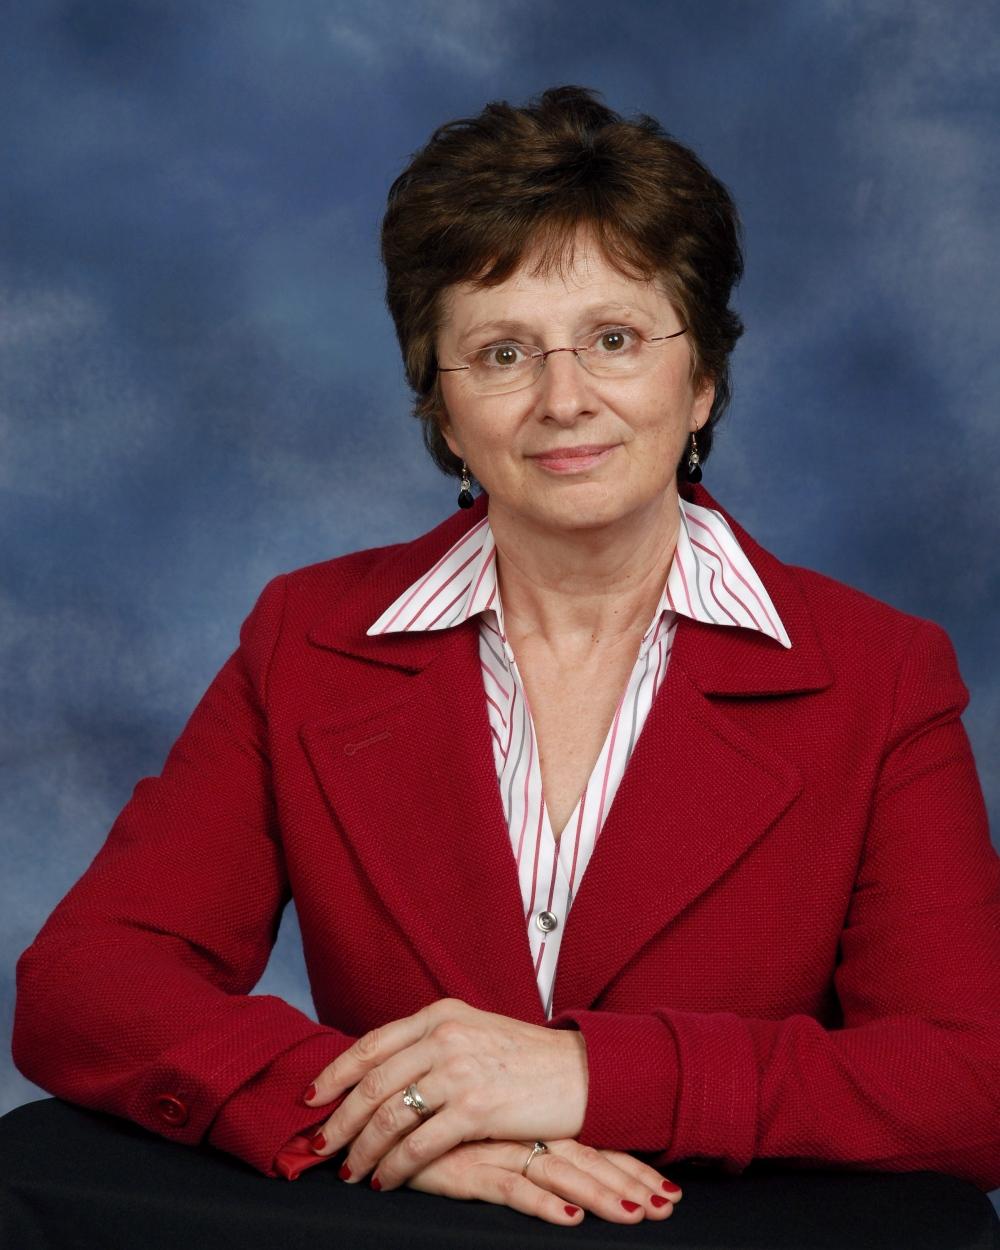 Cindy Kahler